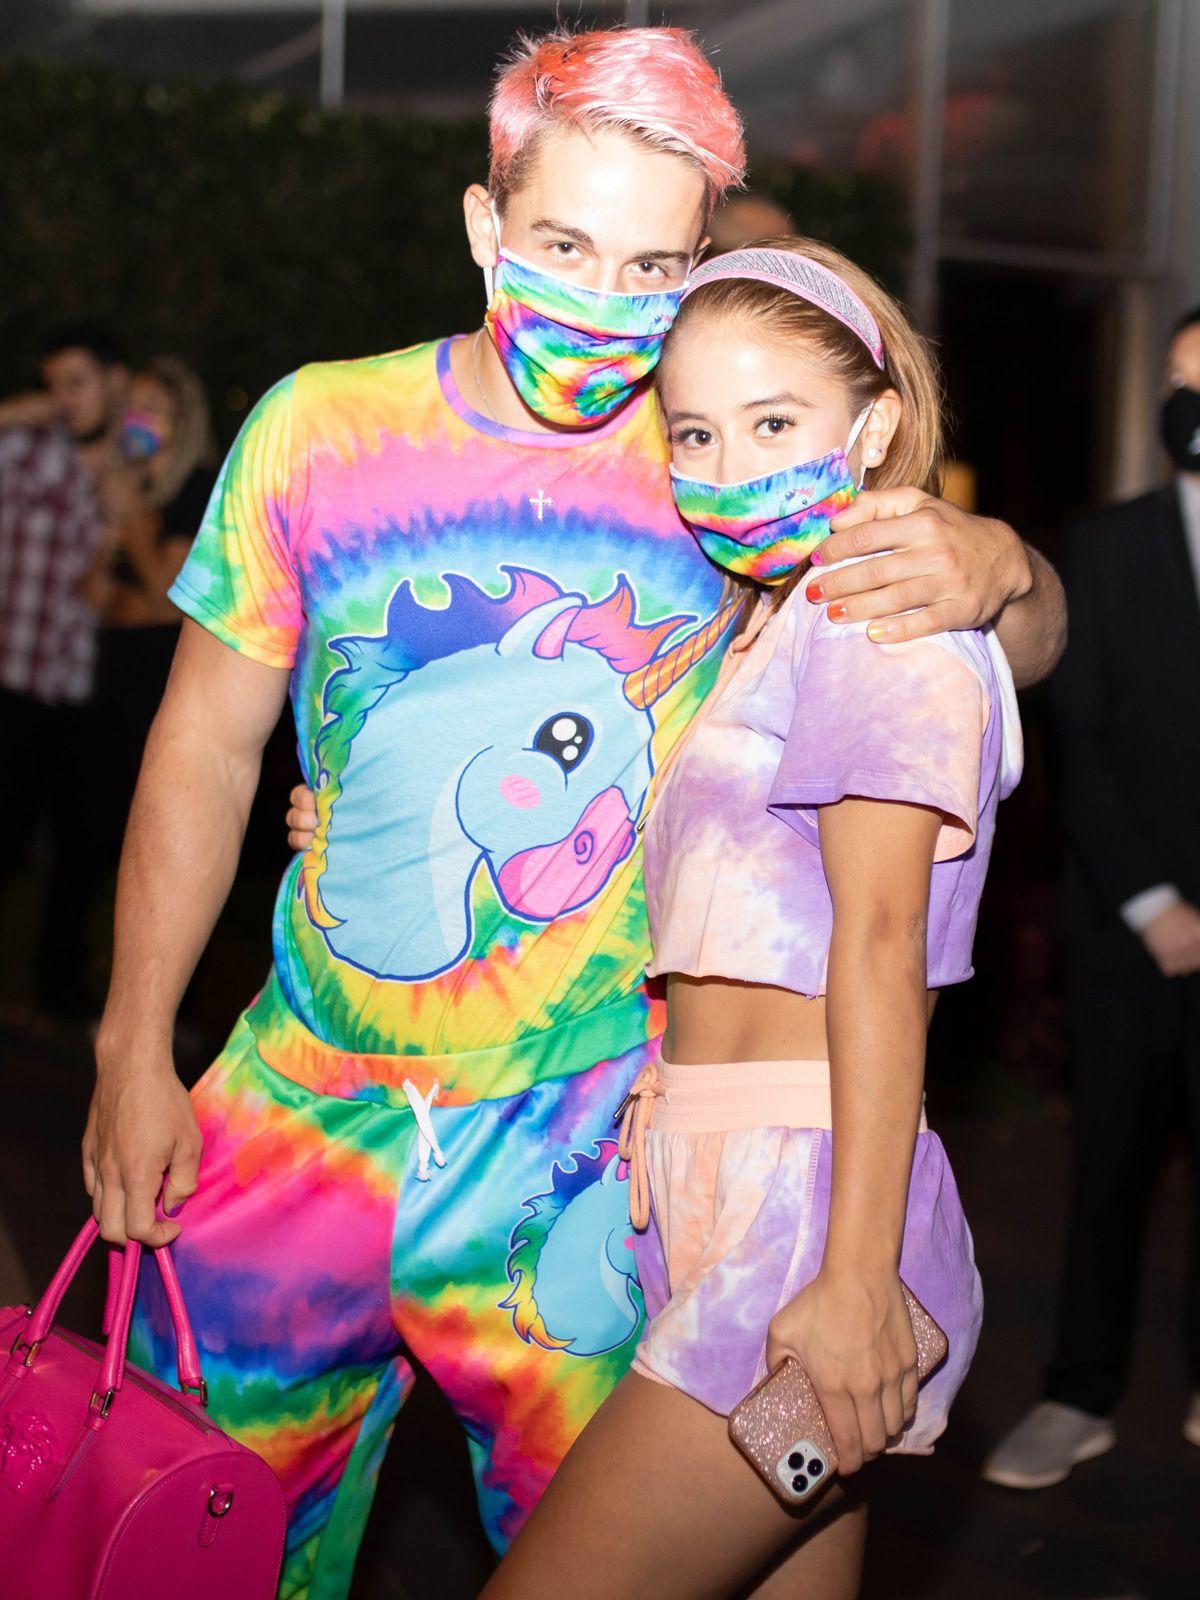 Die neonbunte Welt von Candy Ken: Fast 11 Mio. Fans auf TikTok